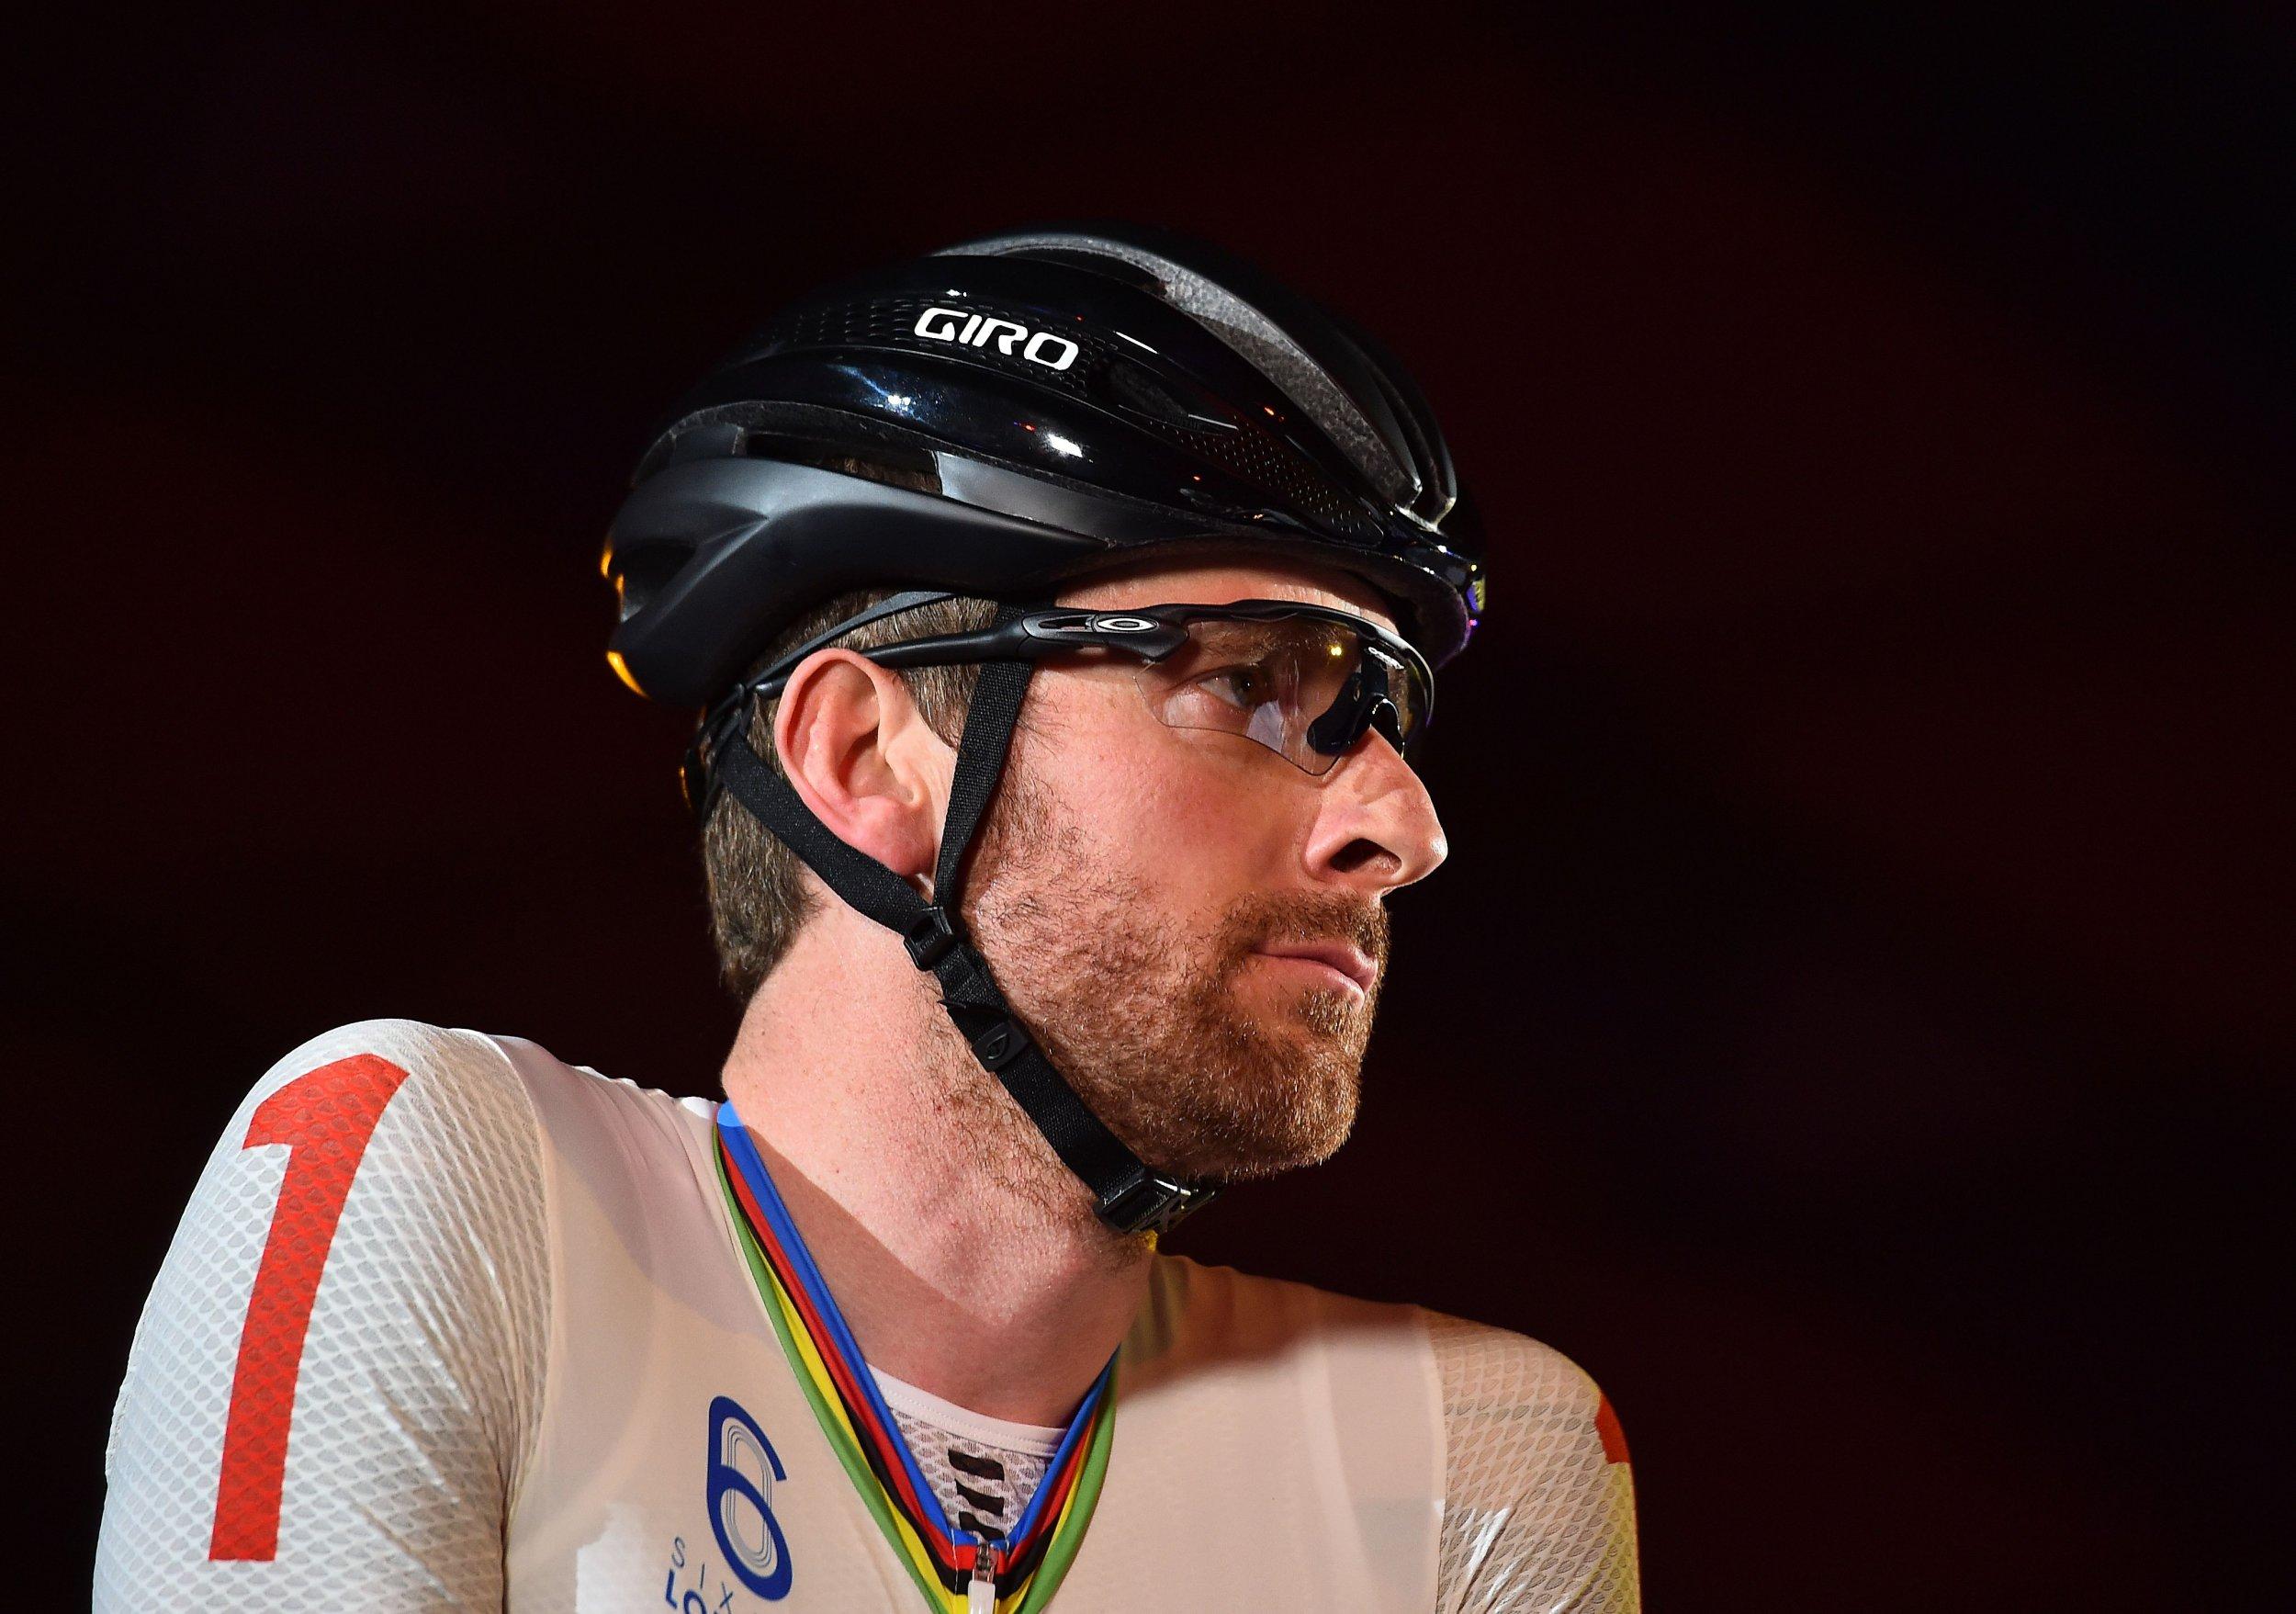 Professional cyclist Sir Bradley Wiggins